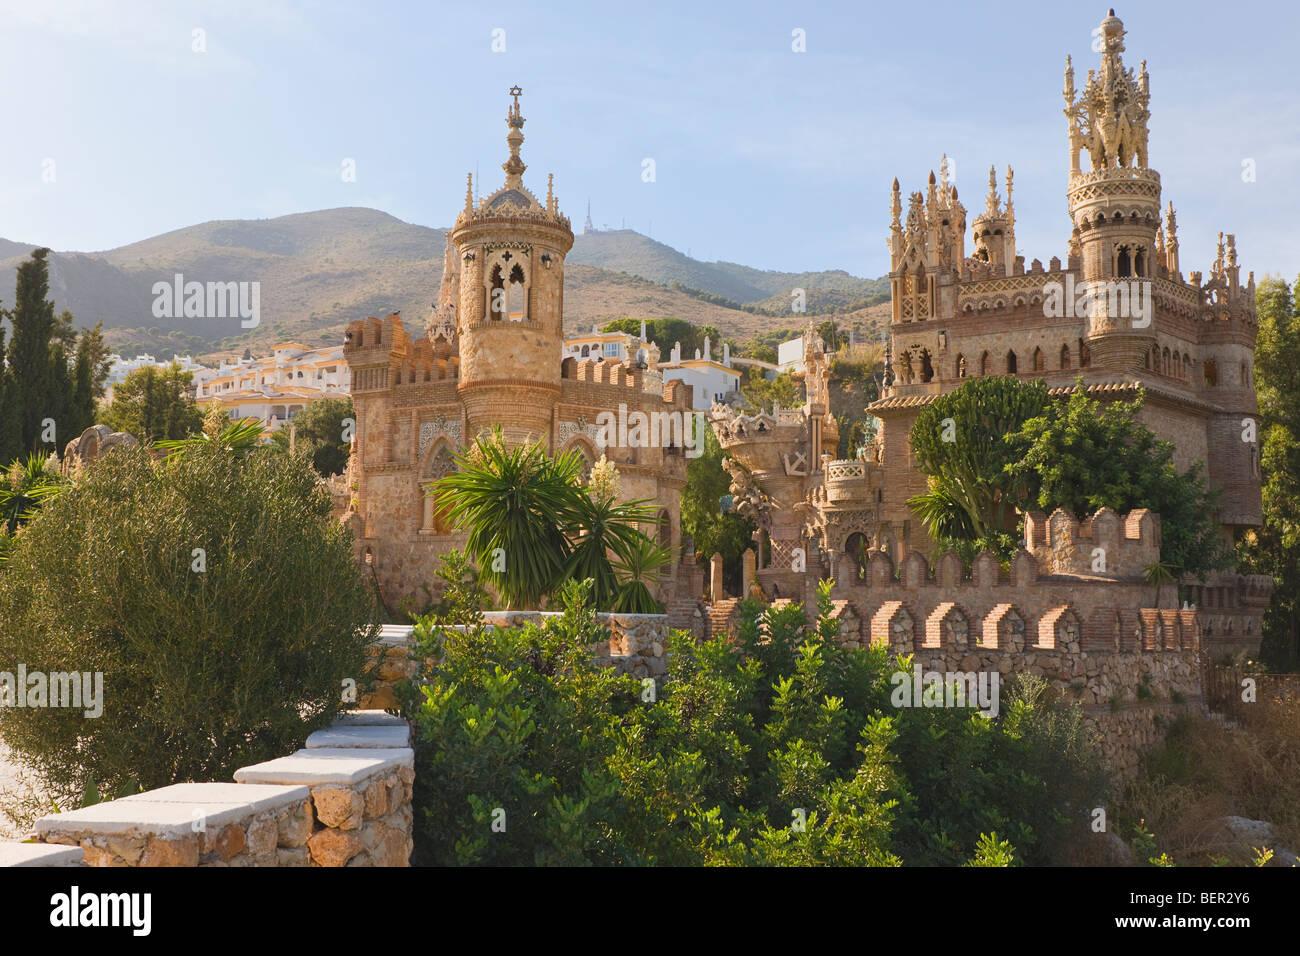 Castillo Monumento Colomares. Il Castello di Colomares a Benalmadena-Pueblo, provincia di Malaga, Costa del Sol, Foto Stock